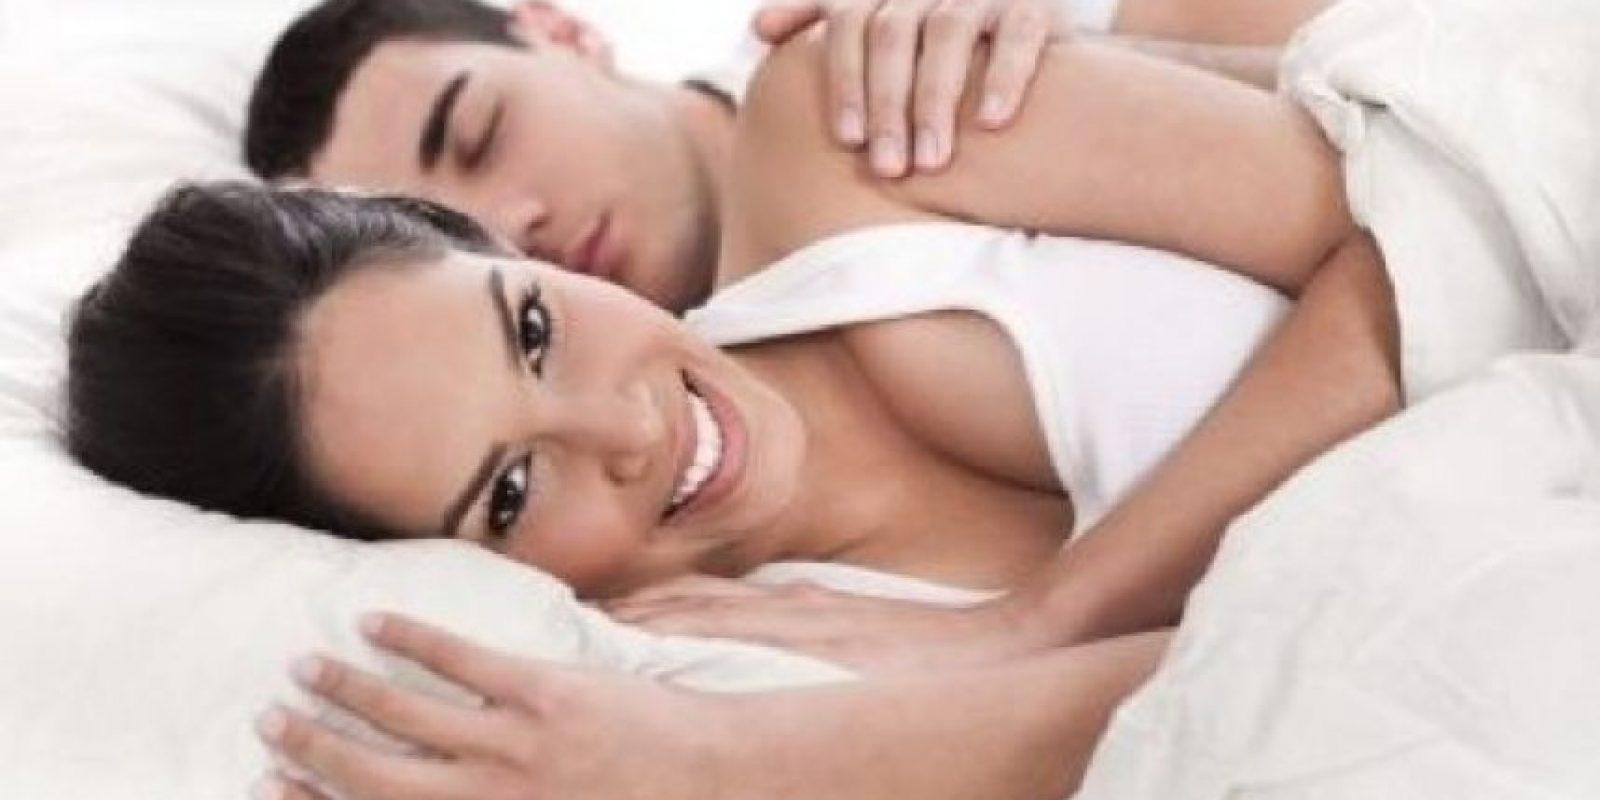 Puede que este no sea un tema romántico y mucho menos excitante, pero es fundamental para evitar embarazos no deseados. Foto:Tumblr.com/Tagged/sexo